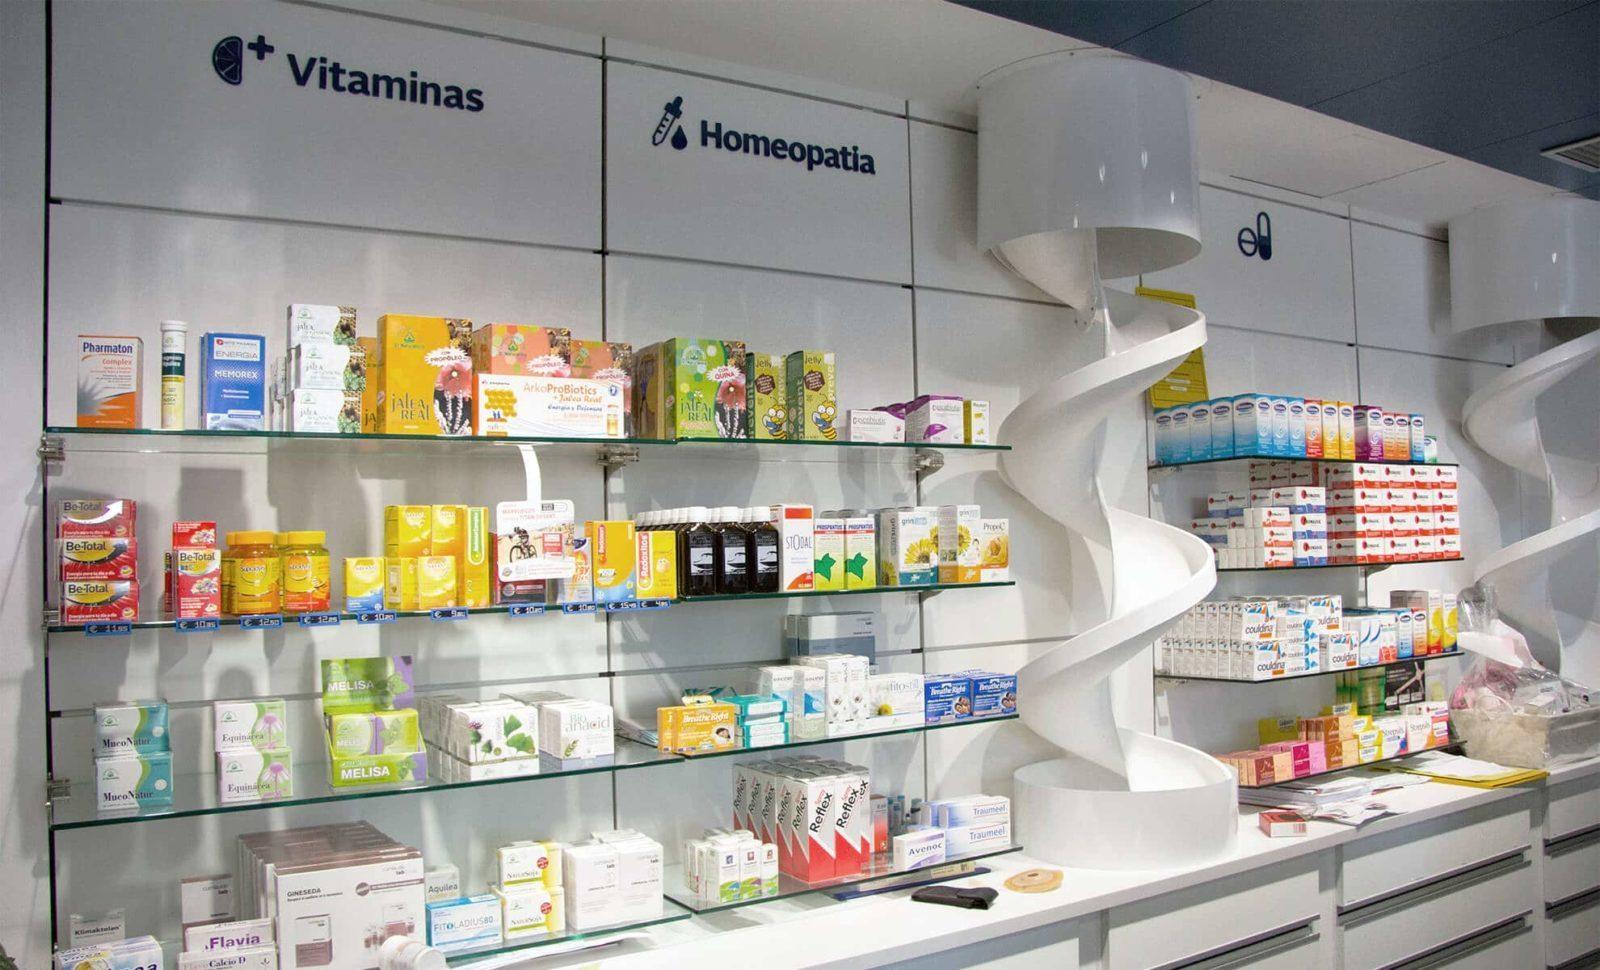 Sirope-proyectos-agencia-branding-diseño-packaging-farmacia-ruiz golvano 1-4